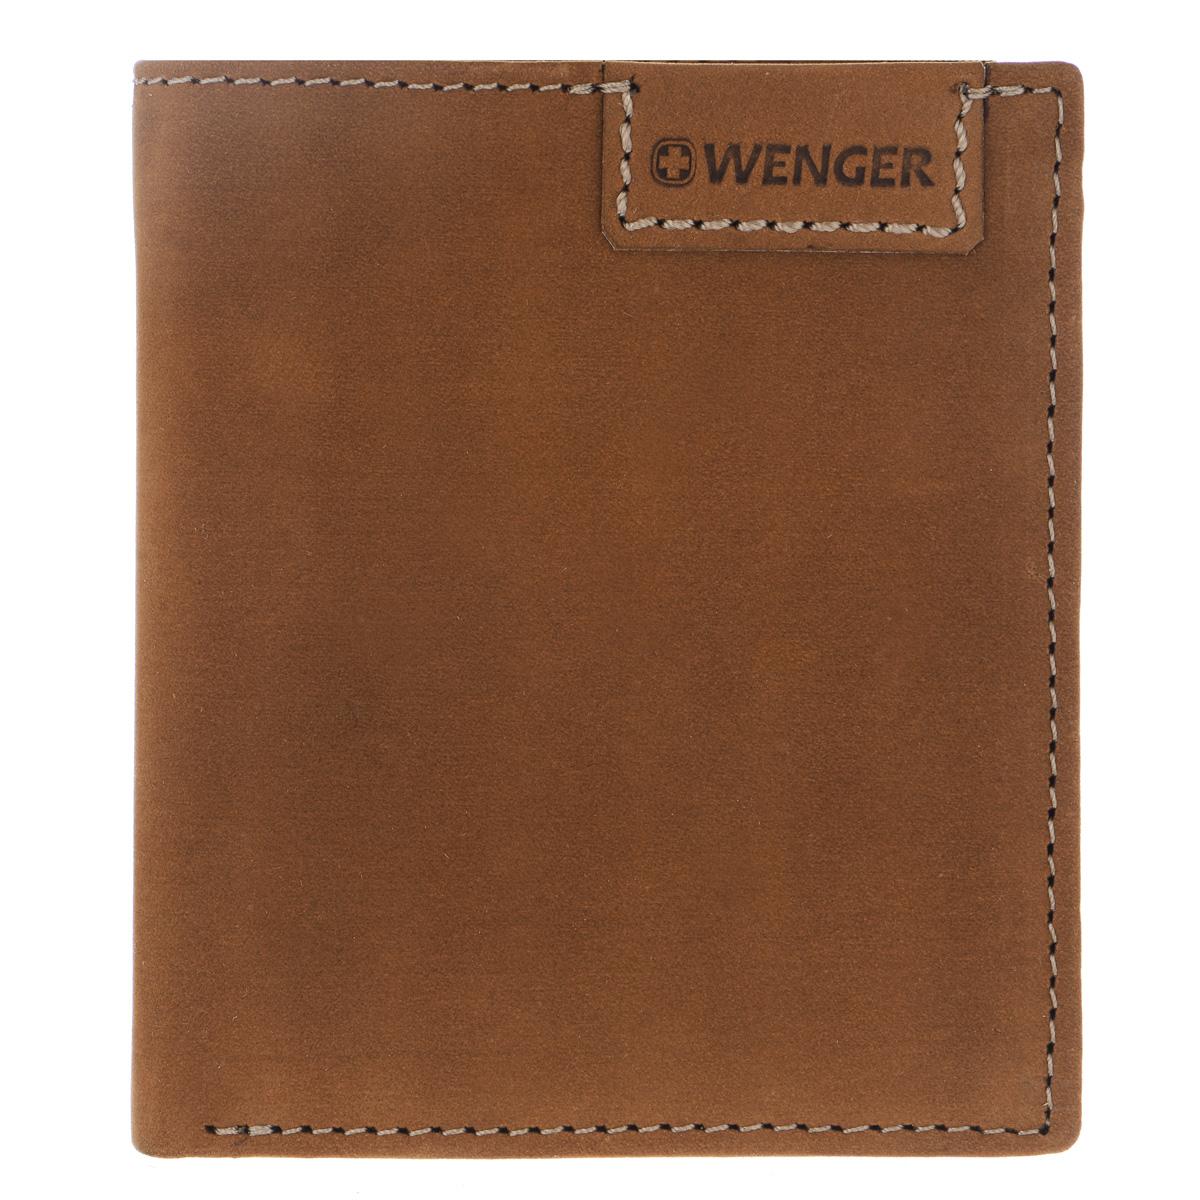 Портмоне мужское Wenger, цвет: коричневый. W11-12W11-12BROWNСтильное мужское портмоне Wenger изготовлено из натурального нубука и оформлено декоративной прострочкой, а также тиснениями в виде логотипа и названия бренда на лицевой стороне. Внутри - два отделения для купюр, отсек для мелочи на замке-кнопке, два боковых кармана и три прорези для визиток и кредитных карт. Изюминкой модели является то, что часть отсеков портмоне закрыто хлястиком на кнопку: сетчатый карман, боковой карман и три прорези для визиток и кредитных карт. Портмоне упаковано в изысканную фирменную коробку. Модное портмоне Wenger не оставит равнодушным истинного ценителя прекрасного. По всем вопросам гарантийного и постгарантийного обслуживания рюкзаков, чемоданов, спортивных и кожаных сумок, а также портмоне марок Wenger и SwissGear вы можете обратиться в сервис-центр, расположенный по адресу: г. Москва, Саввинская набережная, д.3. Тел: (495) 788-39-96, (499) 248-56-56, ежедневно с 9:00 до 21:00. Подробные условия гарантийного...